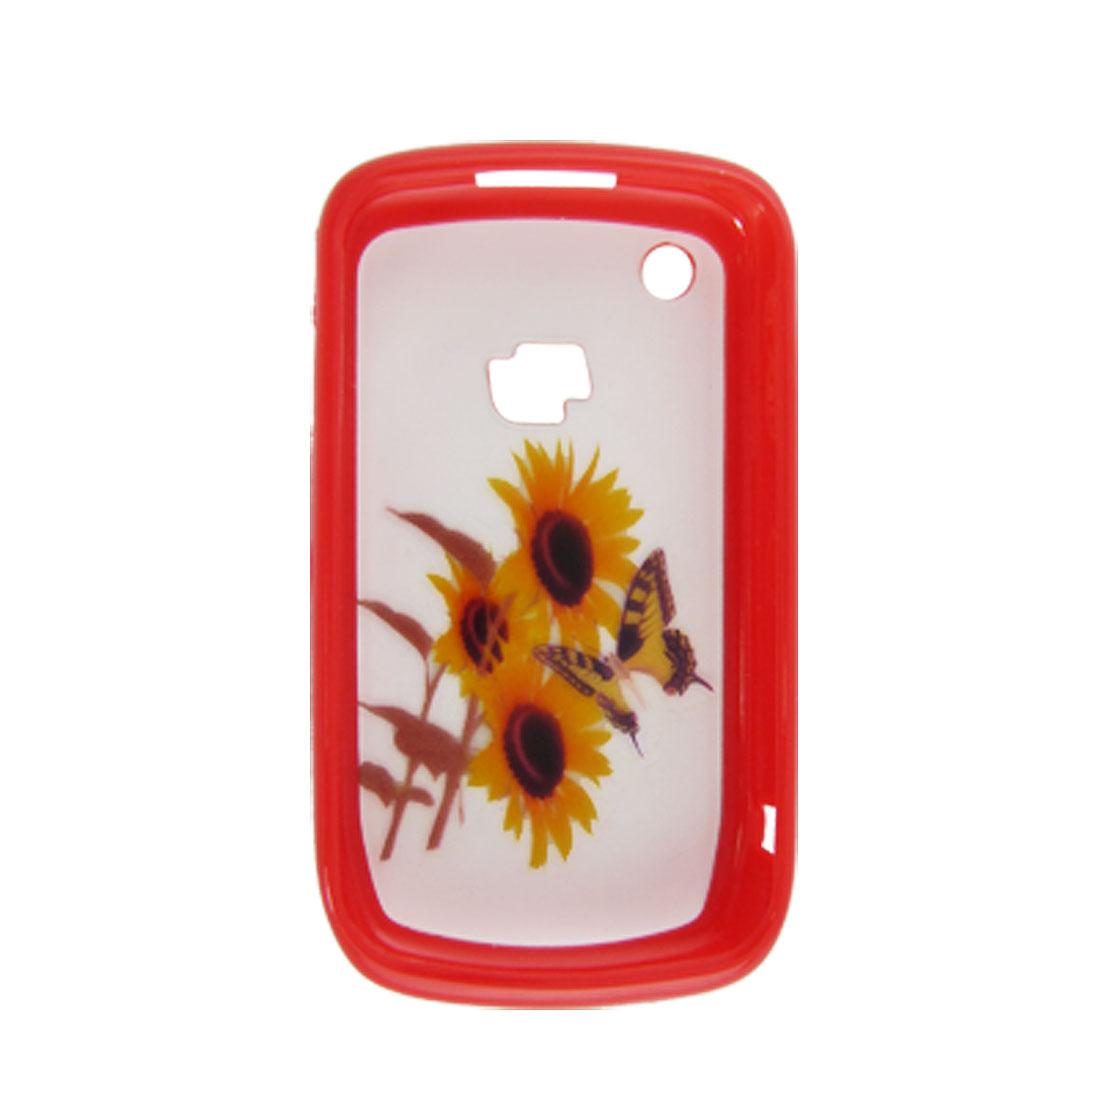 Butterfly Sunflower Plastic Case for Blackberry 8520 Red